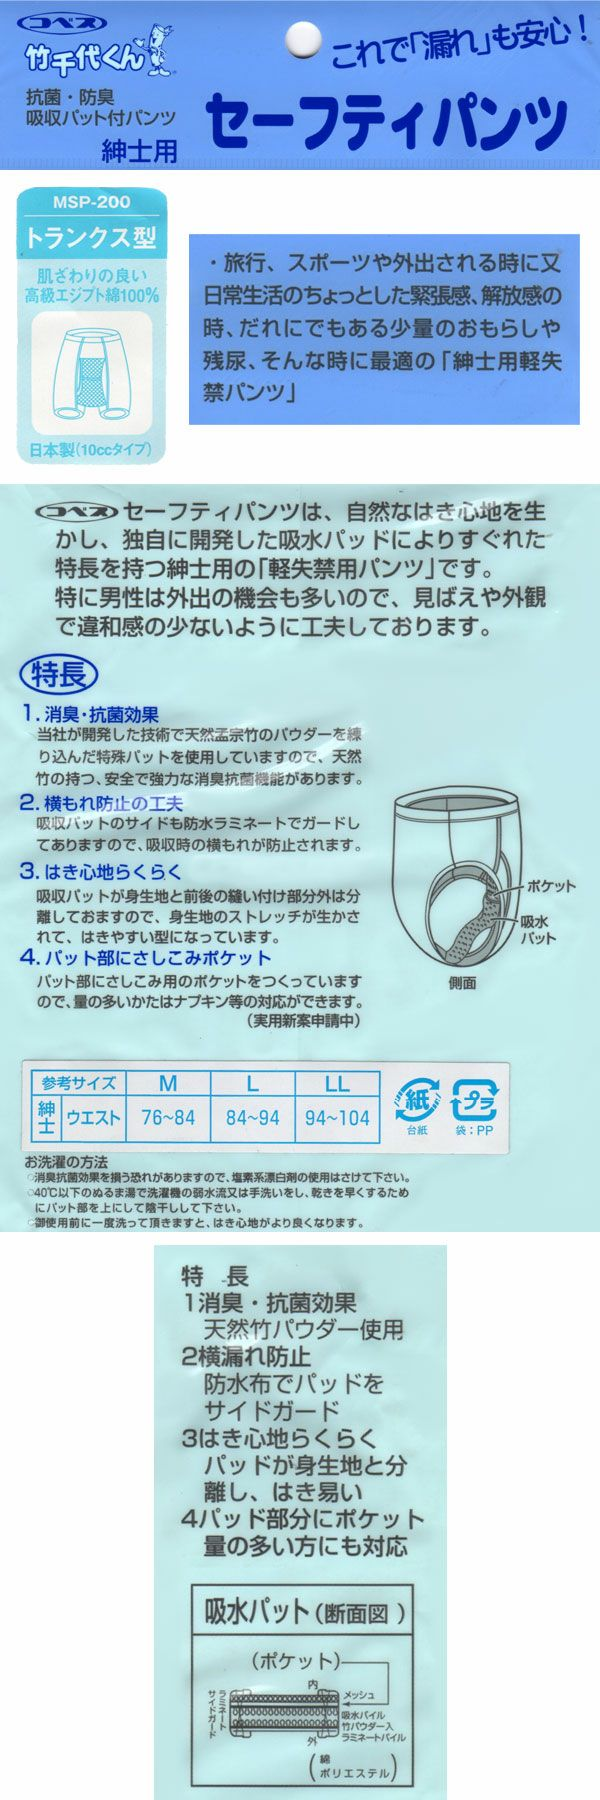 【コベス】紳士用セーフティパンツ【トランクスタイプ/パッド併用可】【10cc】【M/L/LL】